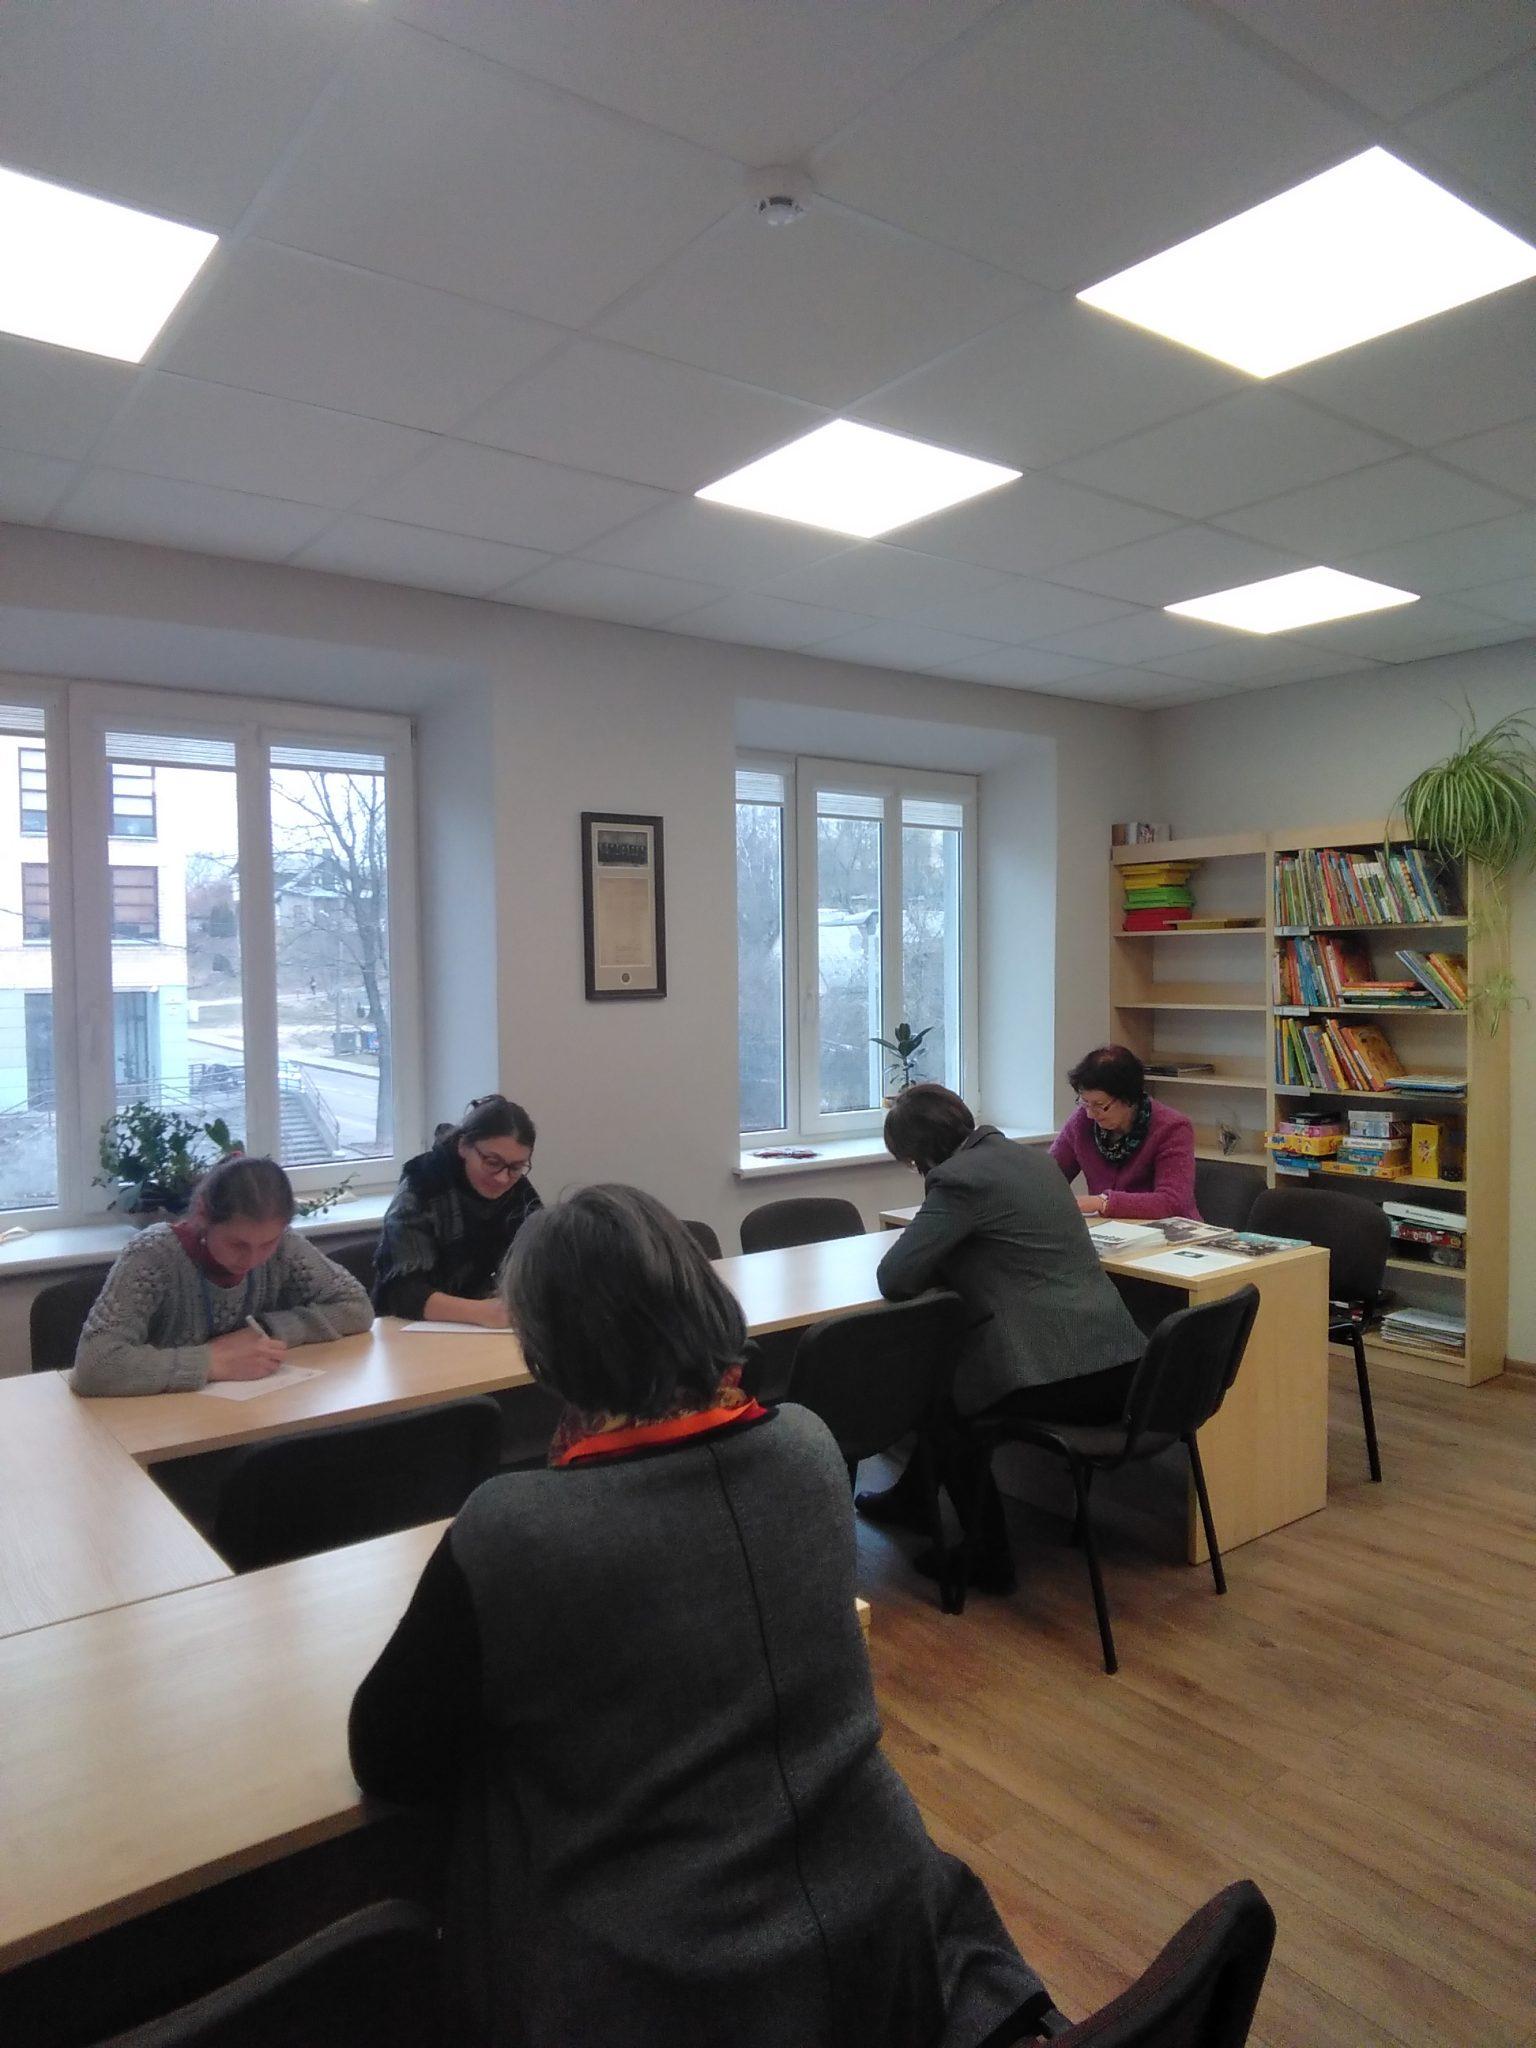 Dzūkų biblioteka